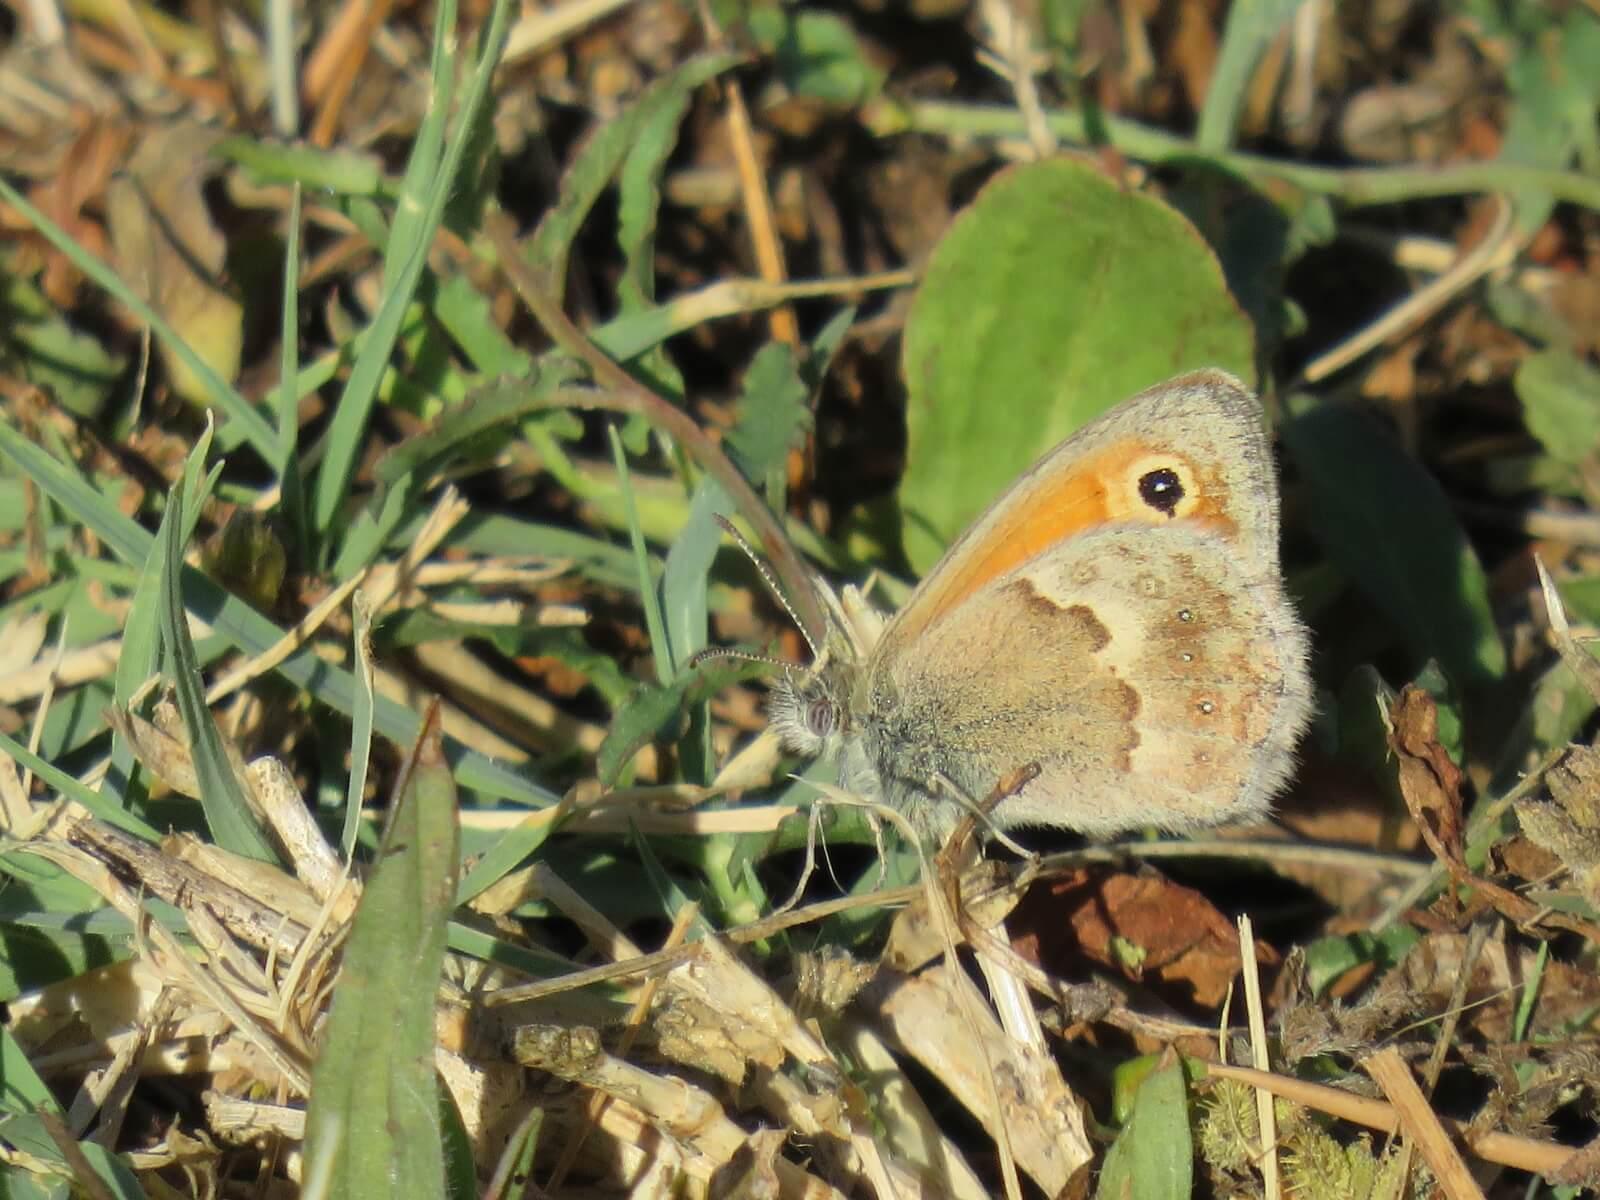 De vlinder het hooibeestje in Zuid-Frankrijk